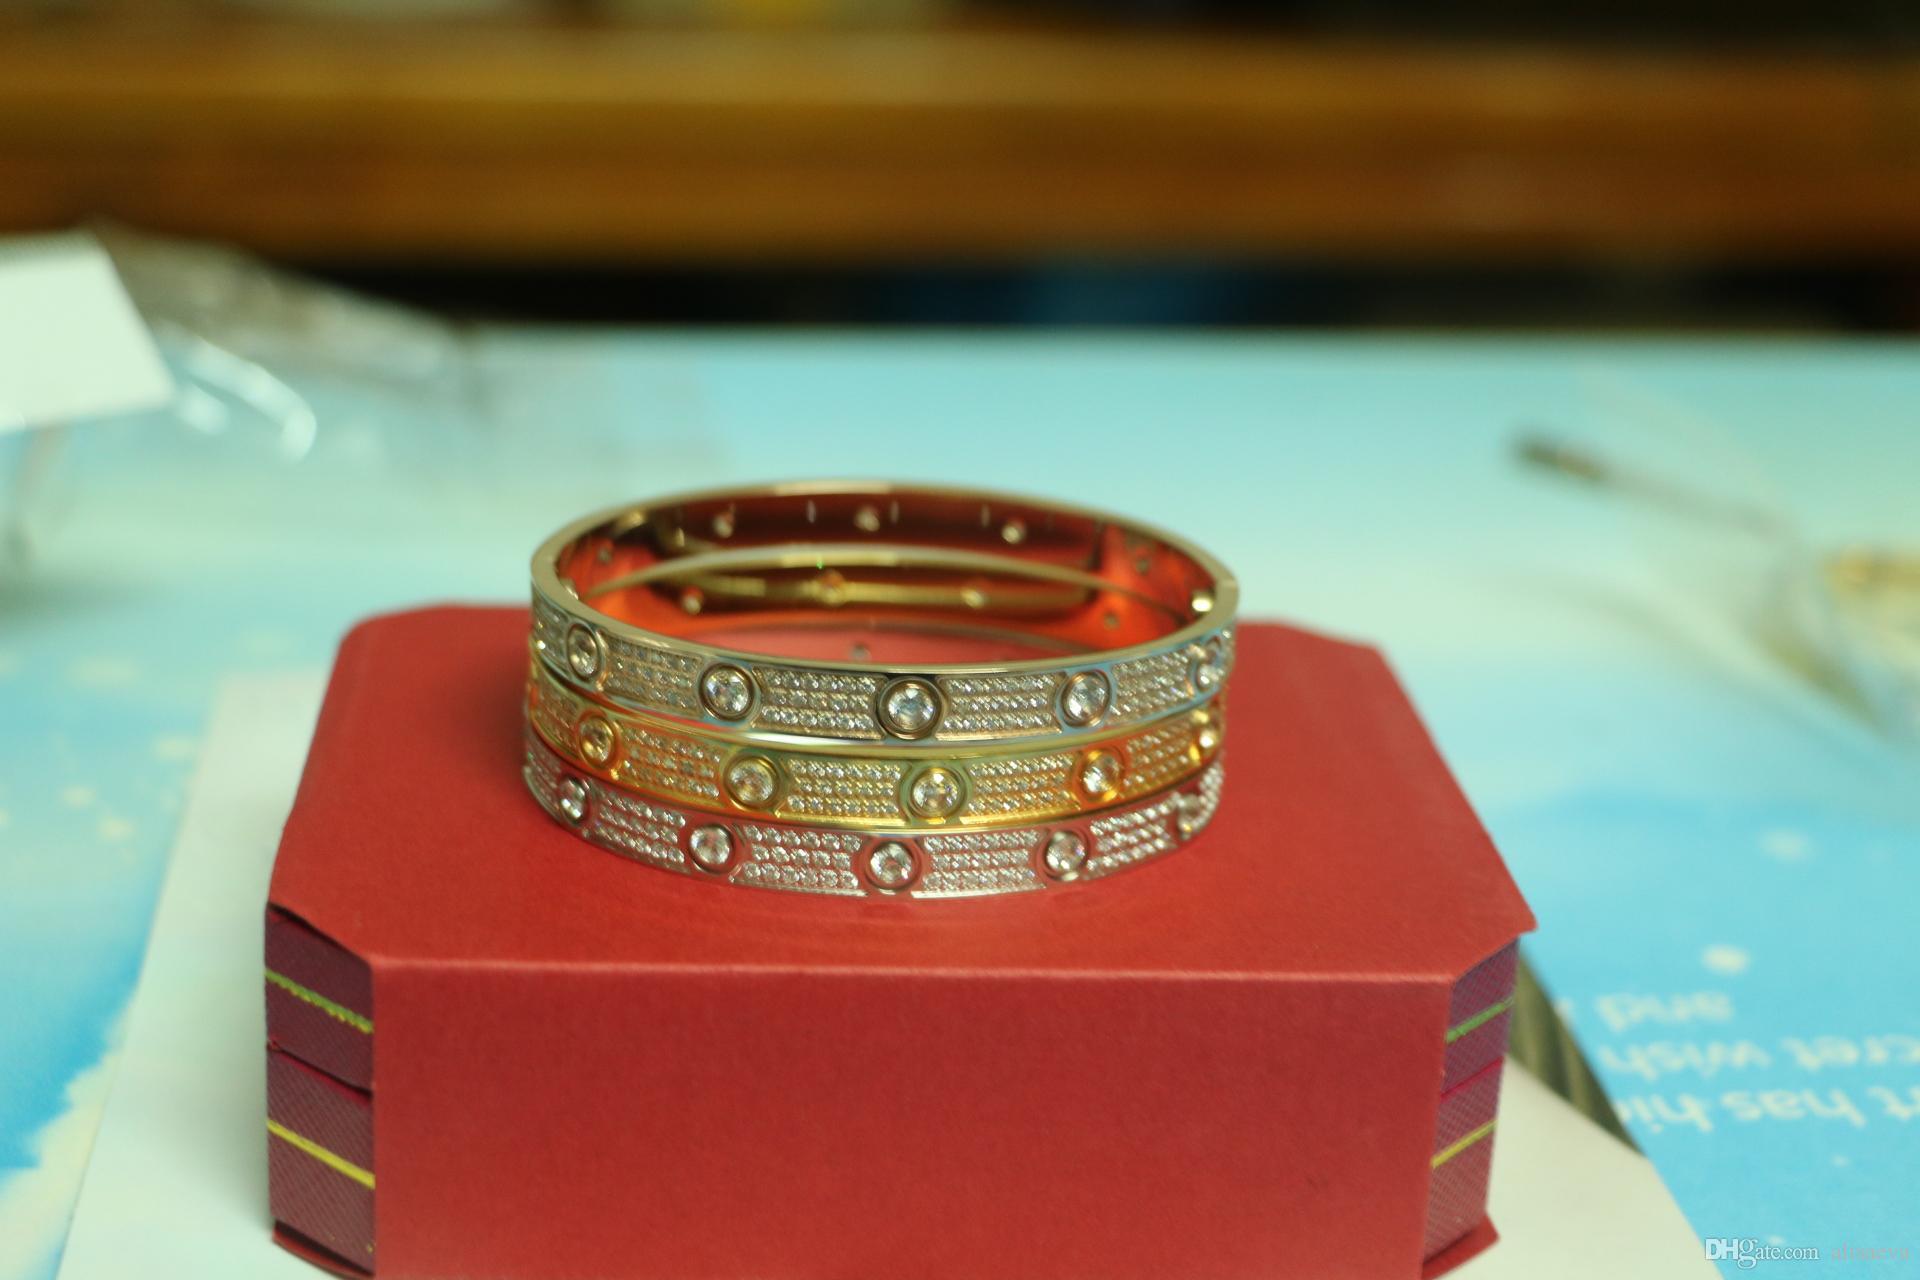 Alta qualità pieno con diamante CZ Marca Amore Vite H Bracciale donna bracciale amatoriali amore bracciali Pulseira Feminina Masculin con scatola originale